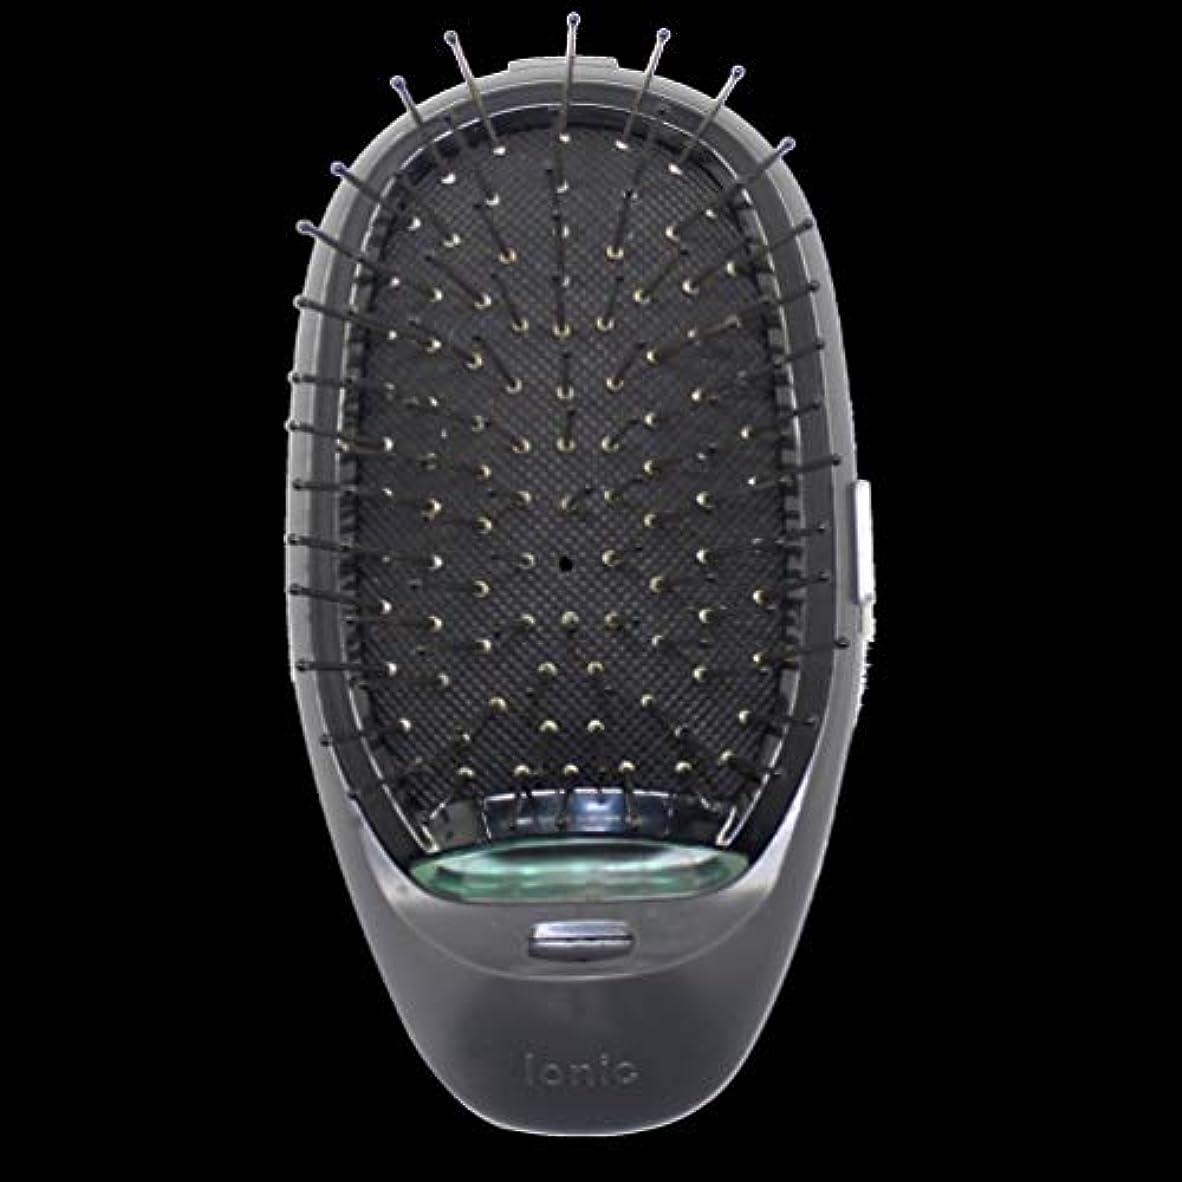 小さな干渉文句を言う電動マッサージヘアブラシミニマイナスイオンヘアコム3Dインフレータブルコーム帯電防止ガールズヘアブラシ電池式 - ブラック